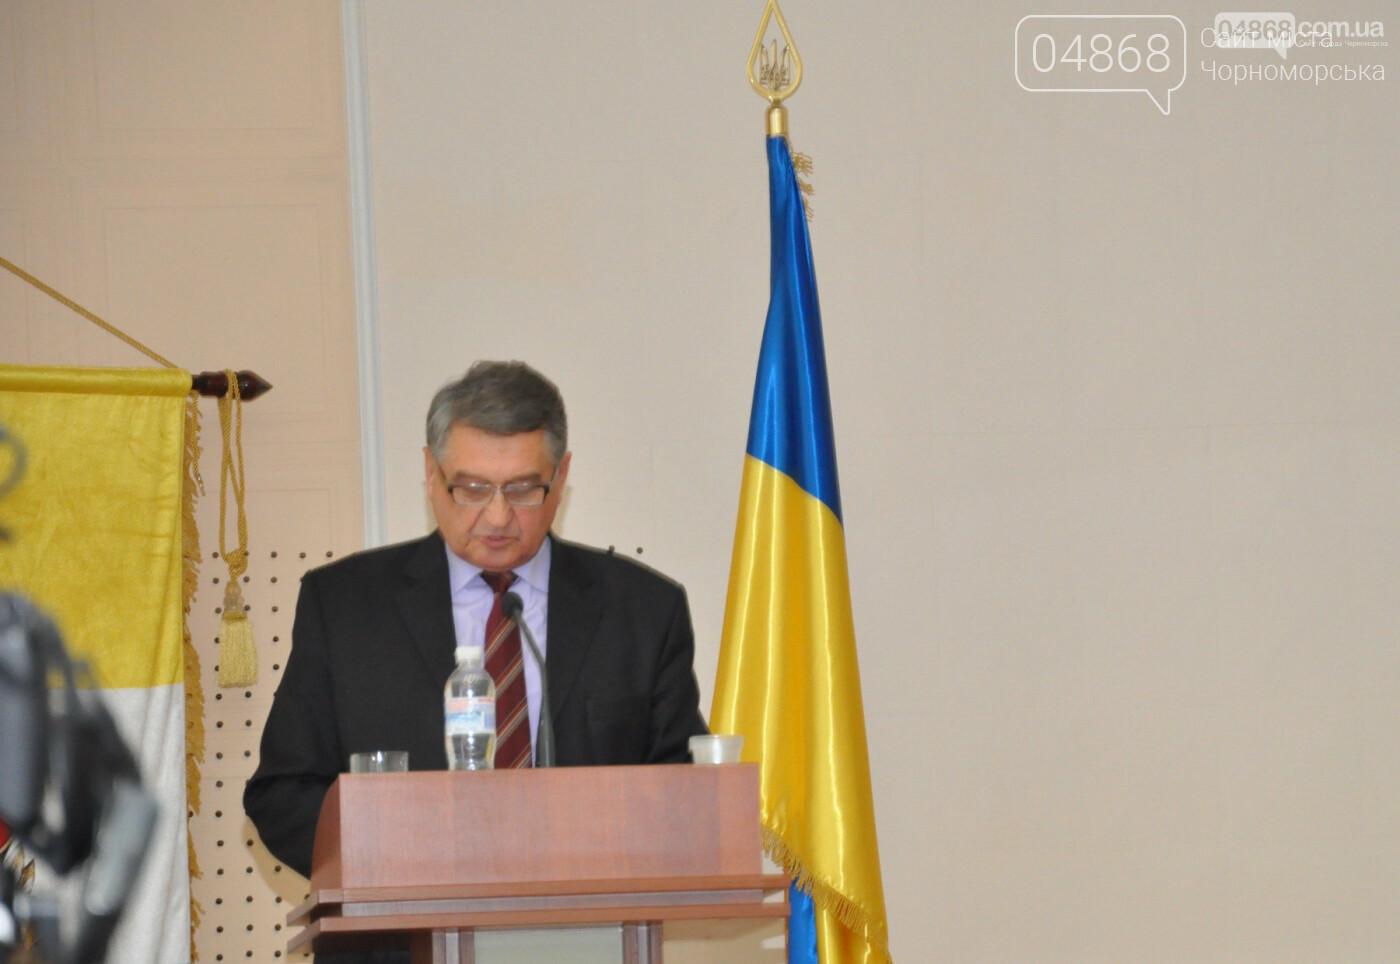 Бунт на корабле, или что произошло на сессии городского совета в Черноморске?, фото-5